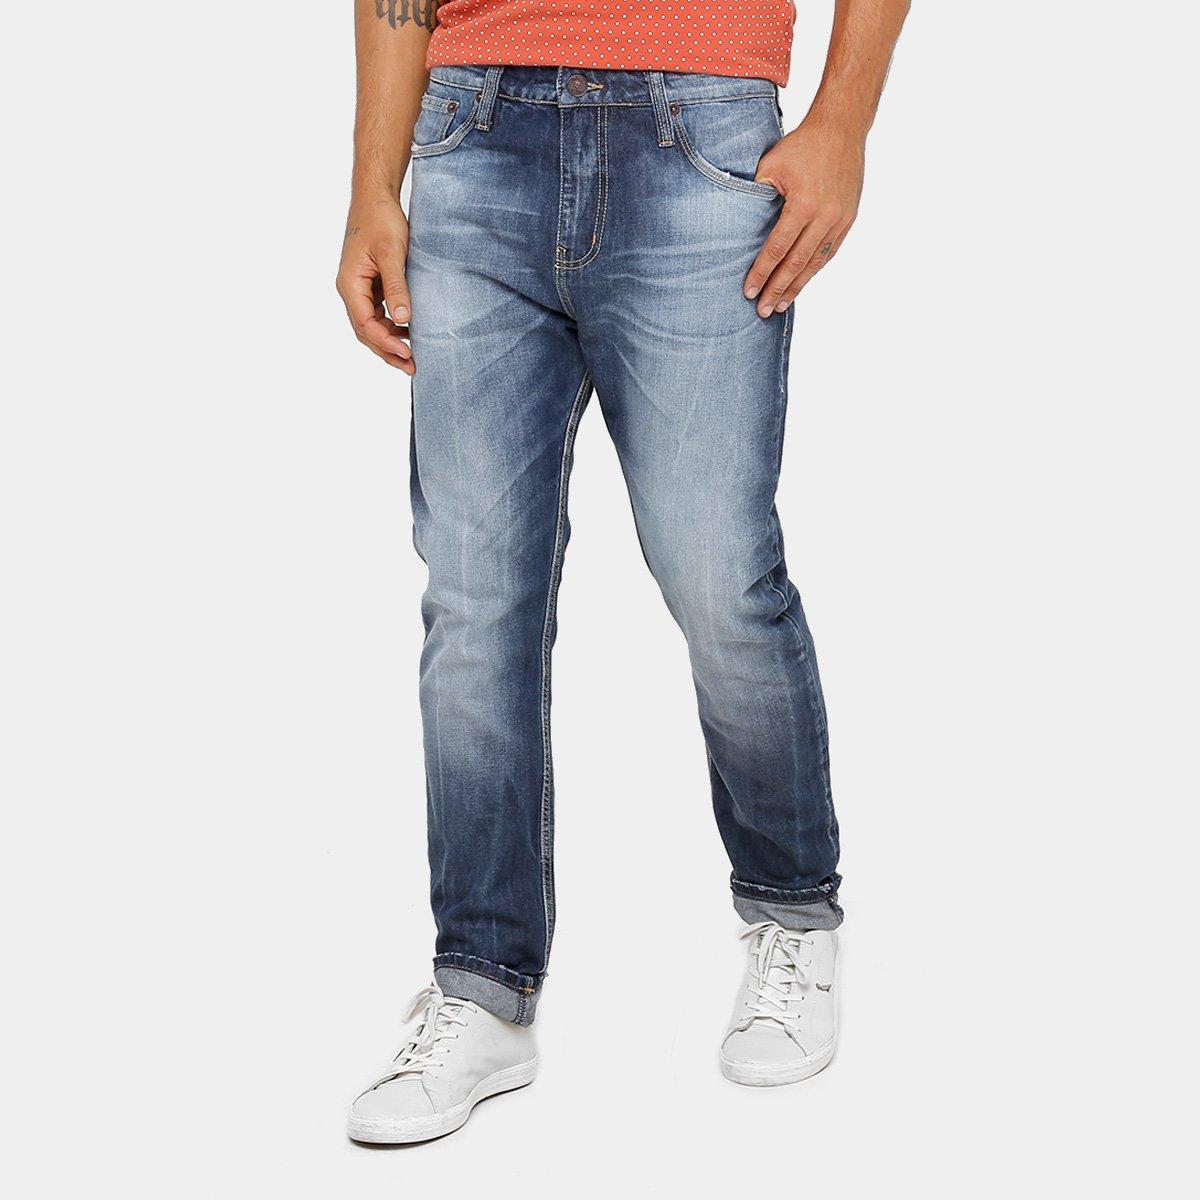 10ebd0311 Calça Jeans Colcci Enrico Estonada Masculina - Compre Agora | Zattini